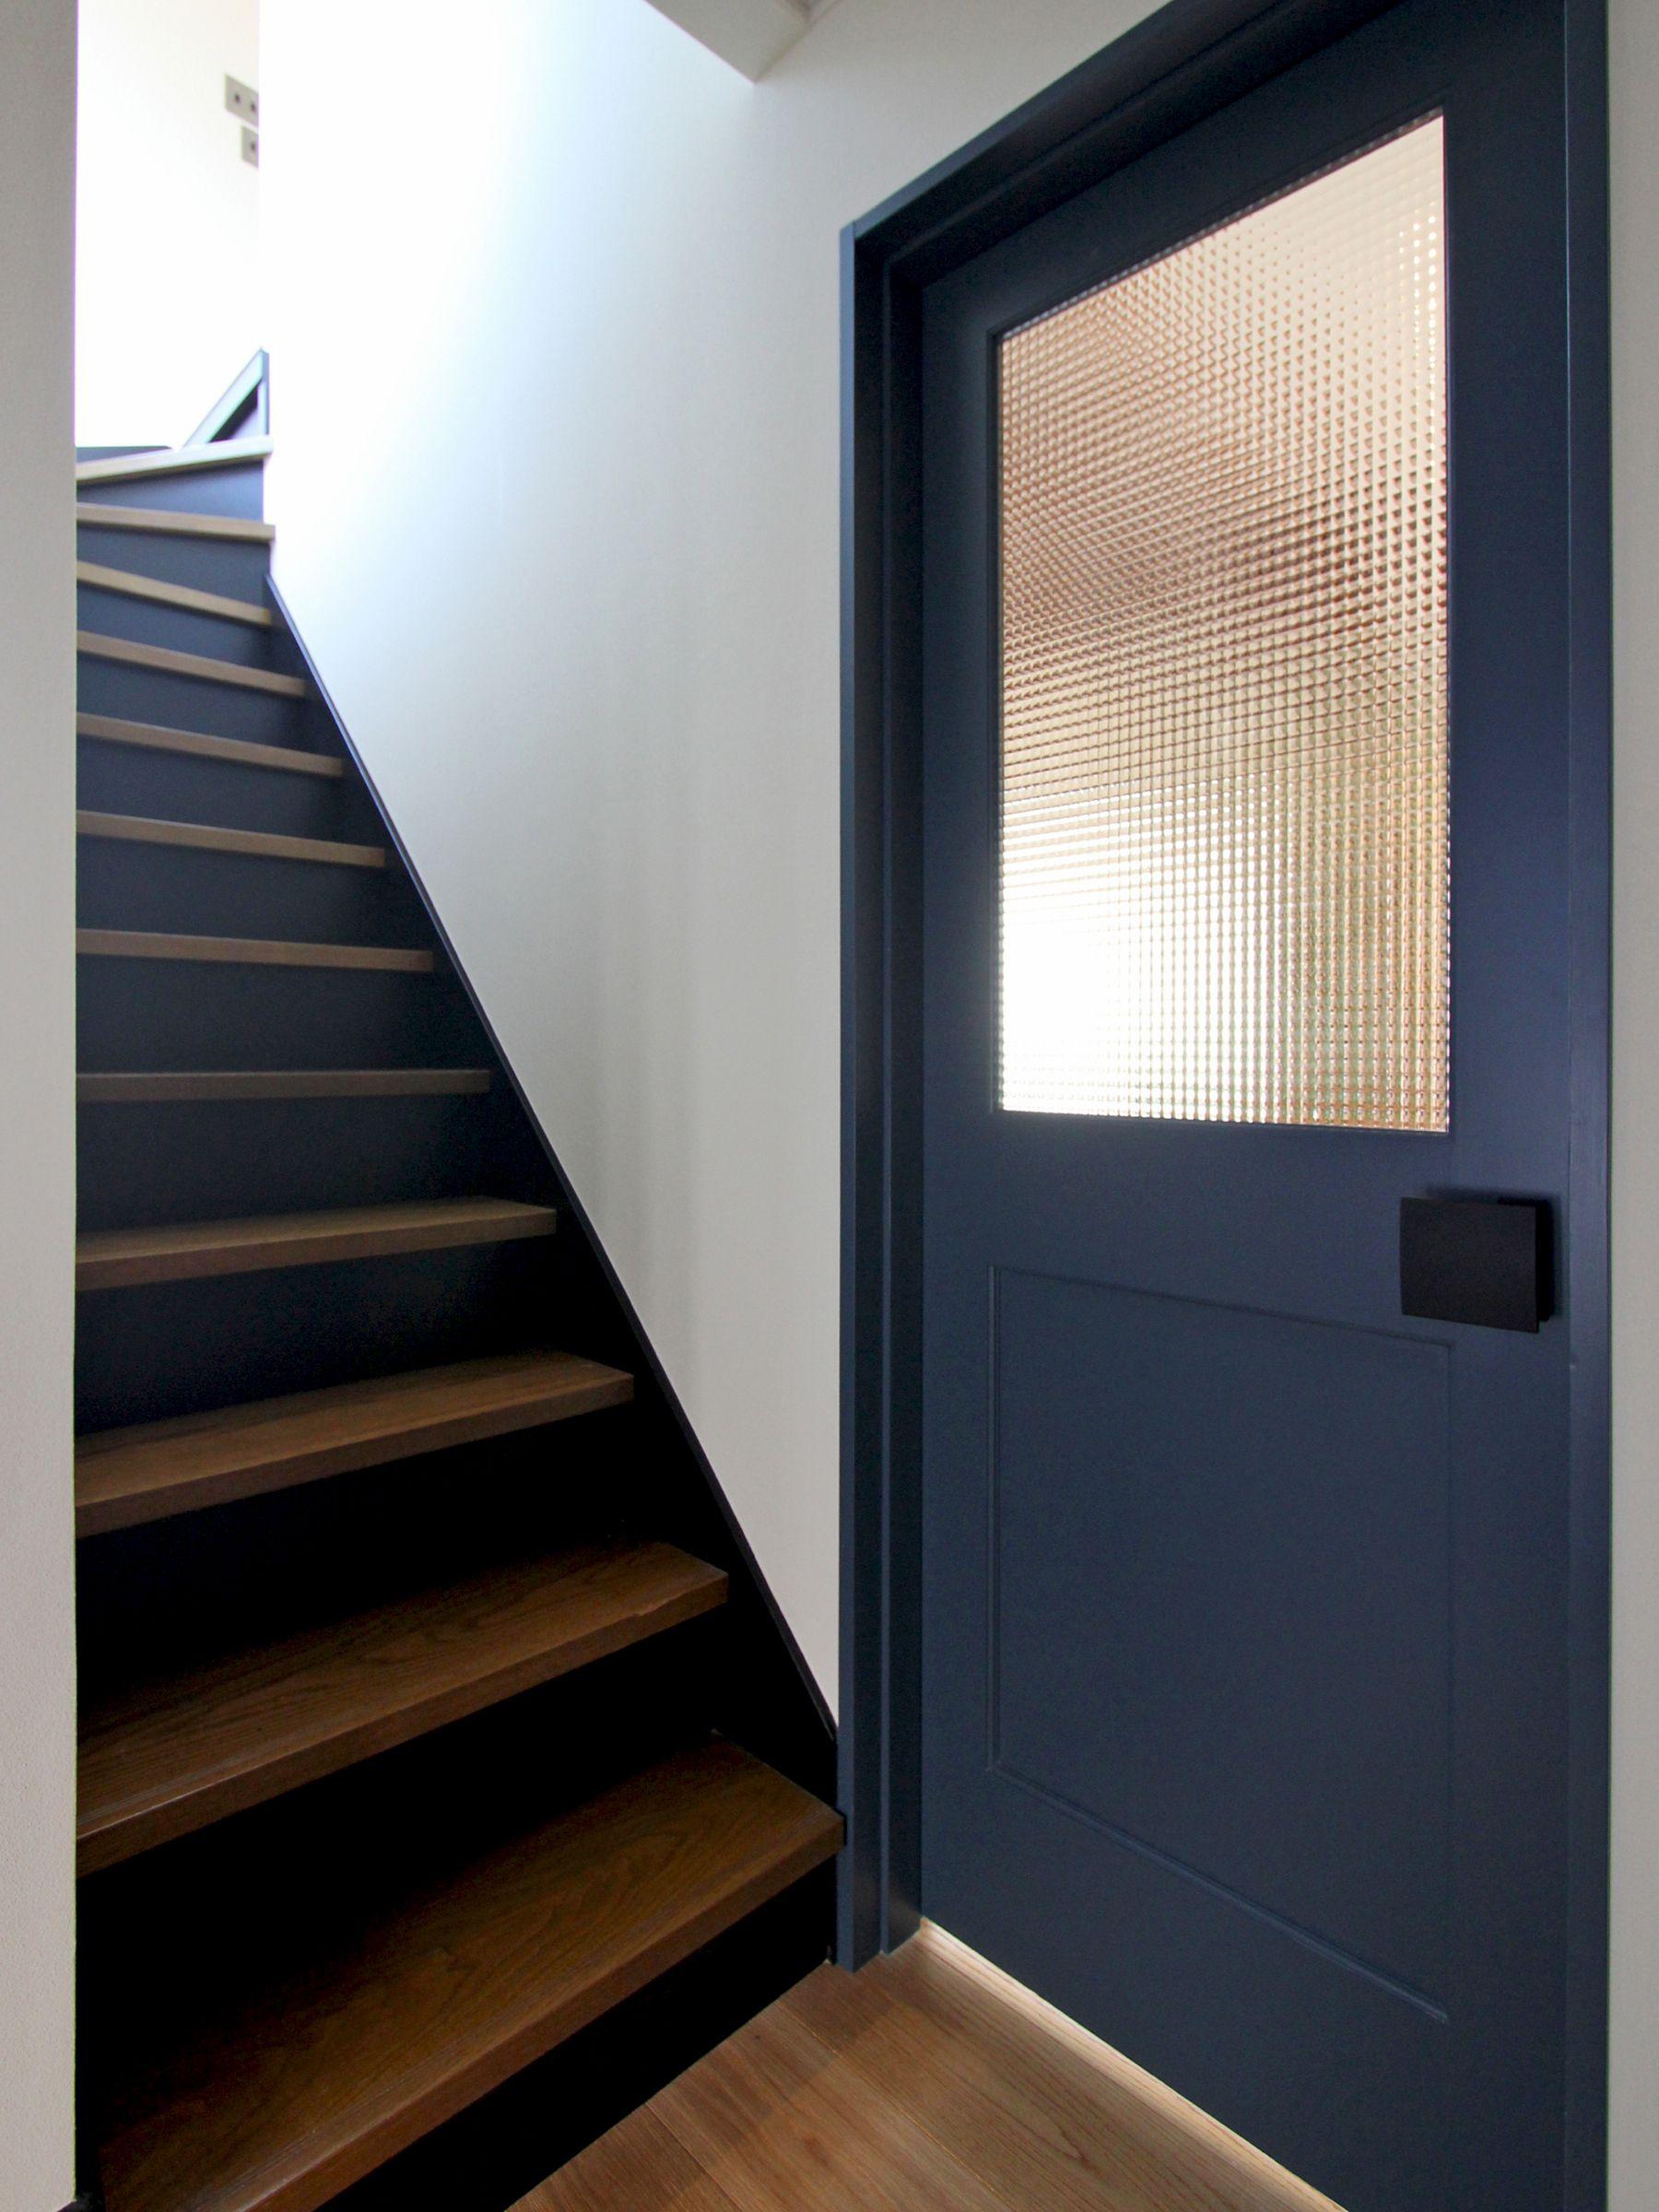 Door 造作扉 扉 ハンドル ドア リノベーション フィールドガレージ